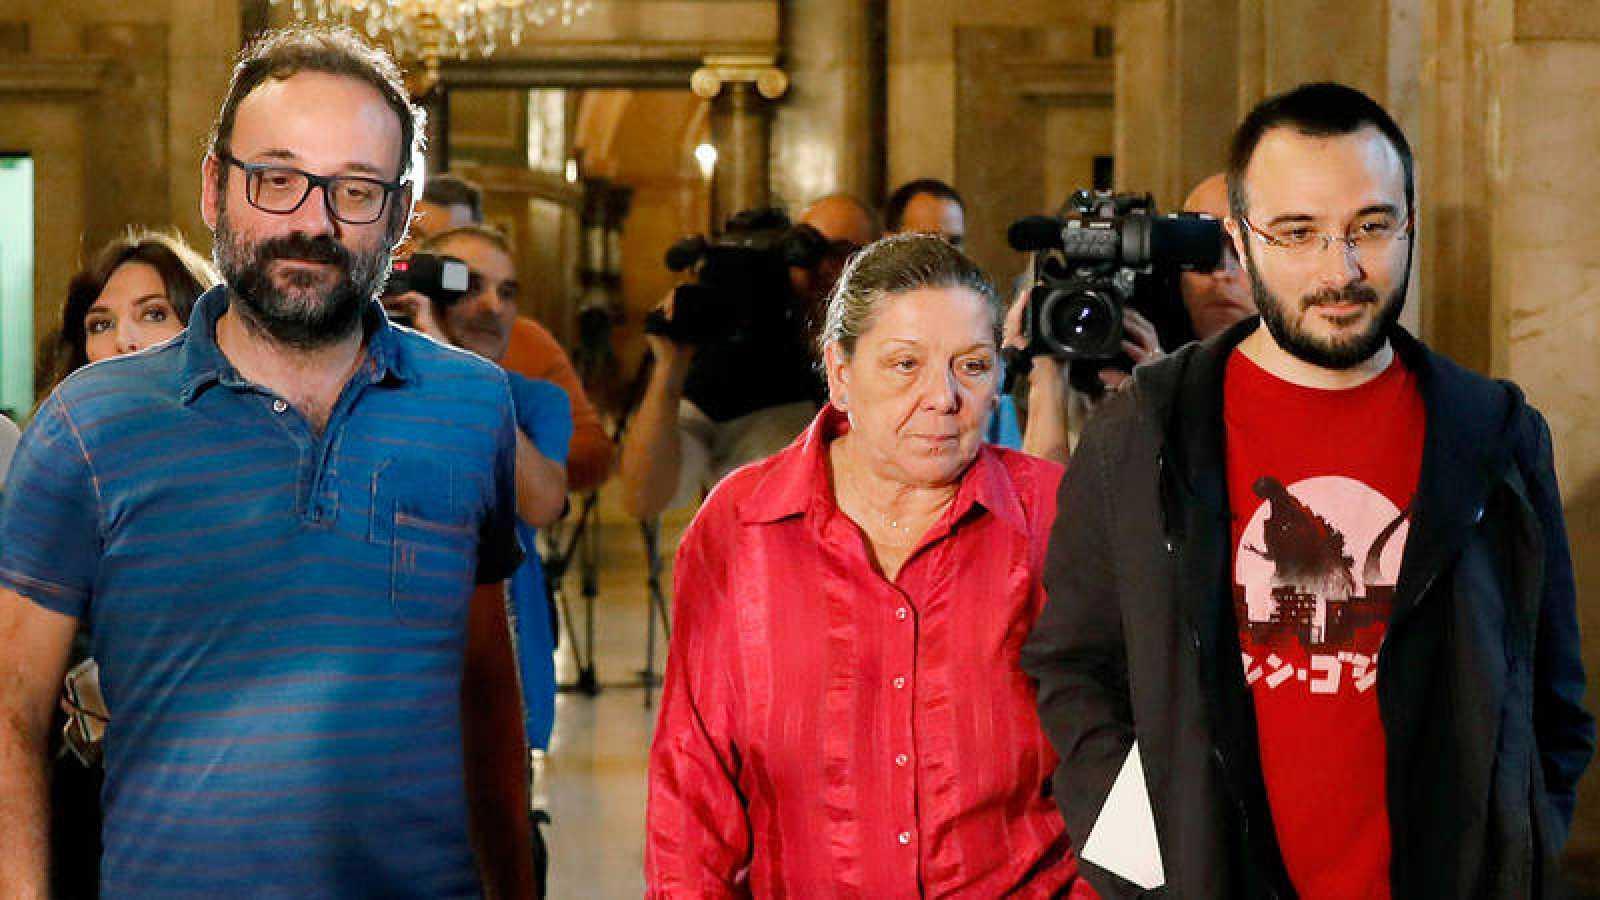 Los diputados de la CUP, Benet Salellas, Gabriela Serra y Albert Botran, en los pasillos del Parlament